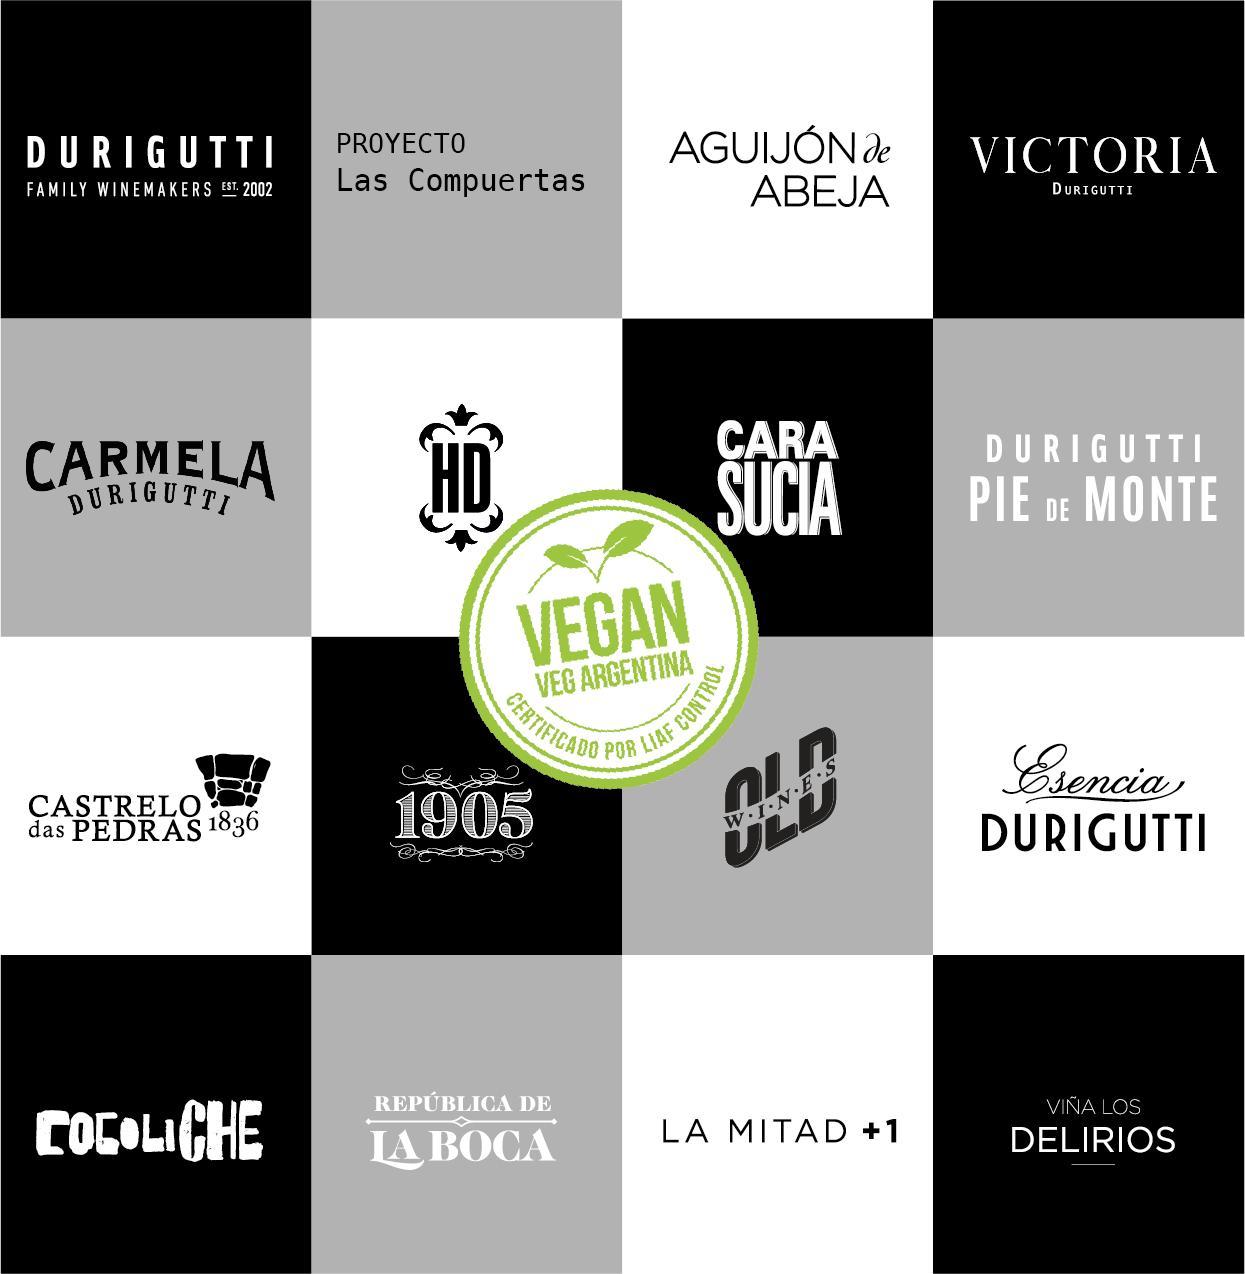 Durigutti Family Winemakers certifica todos sus vinos Veganos (2)